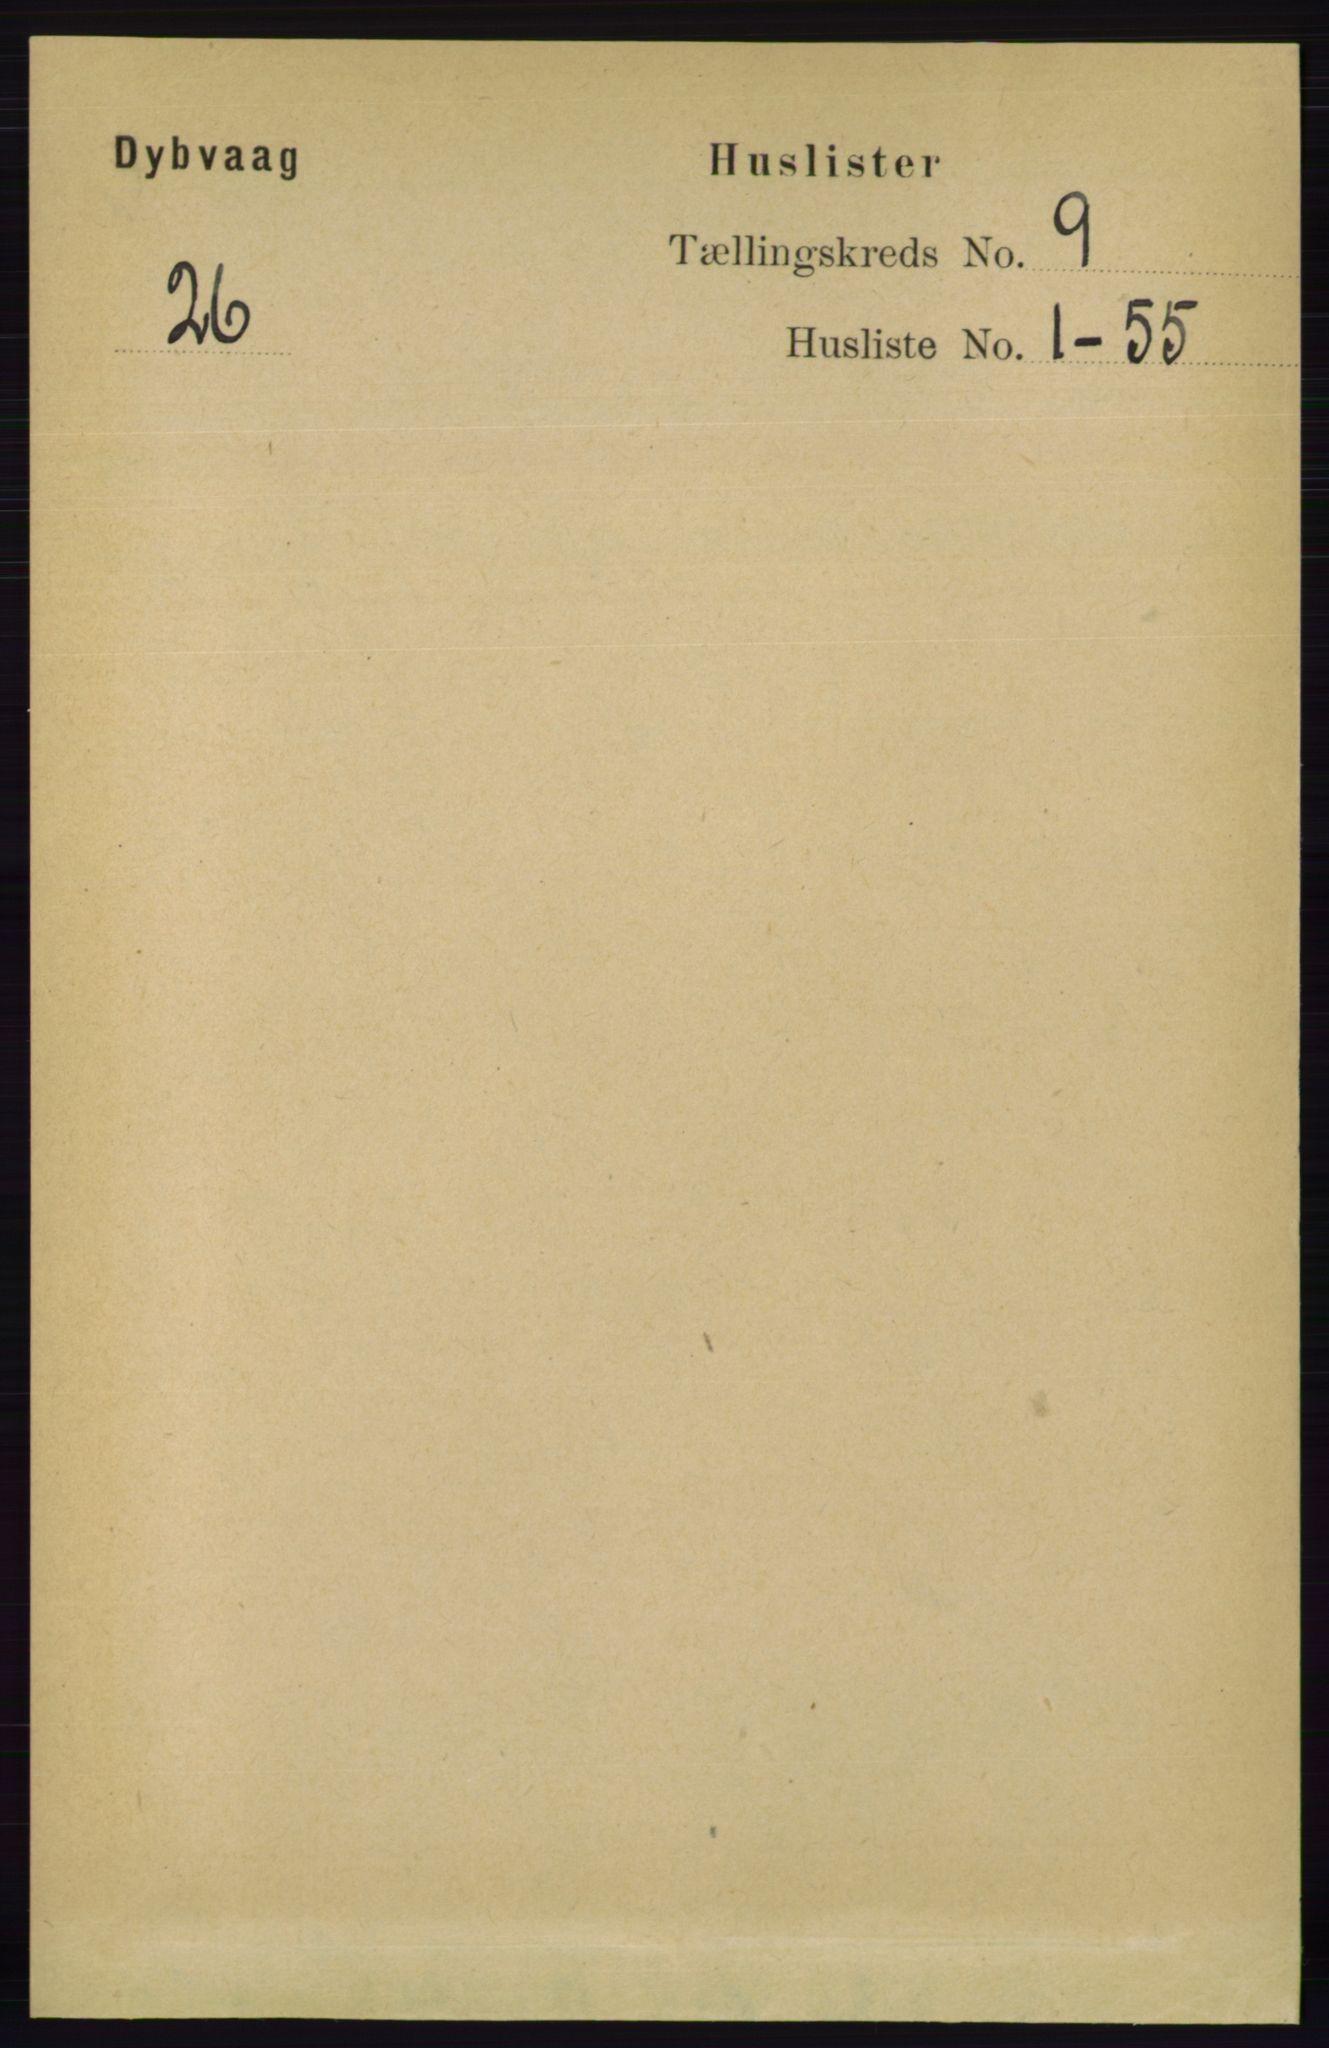 RA, Folketelling 1891 for 0915 Dypvåg herred, 1891, s. 3220